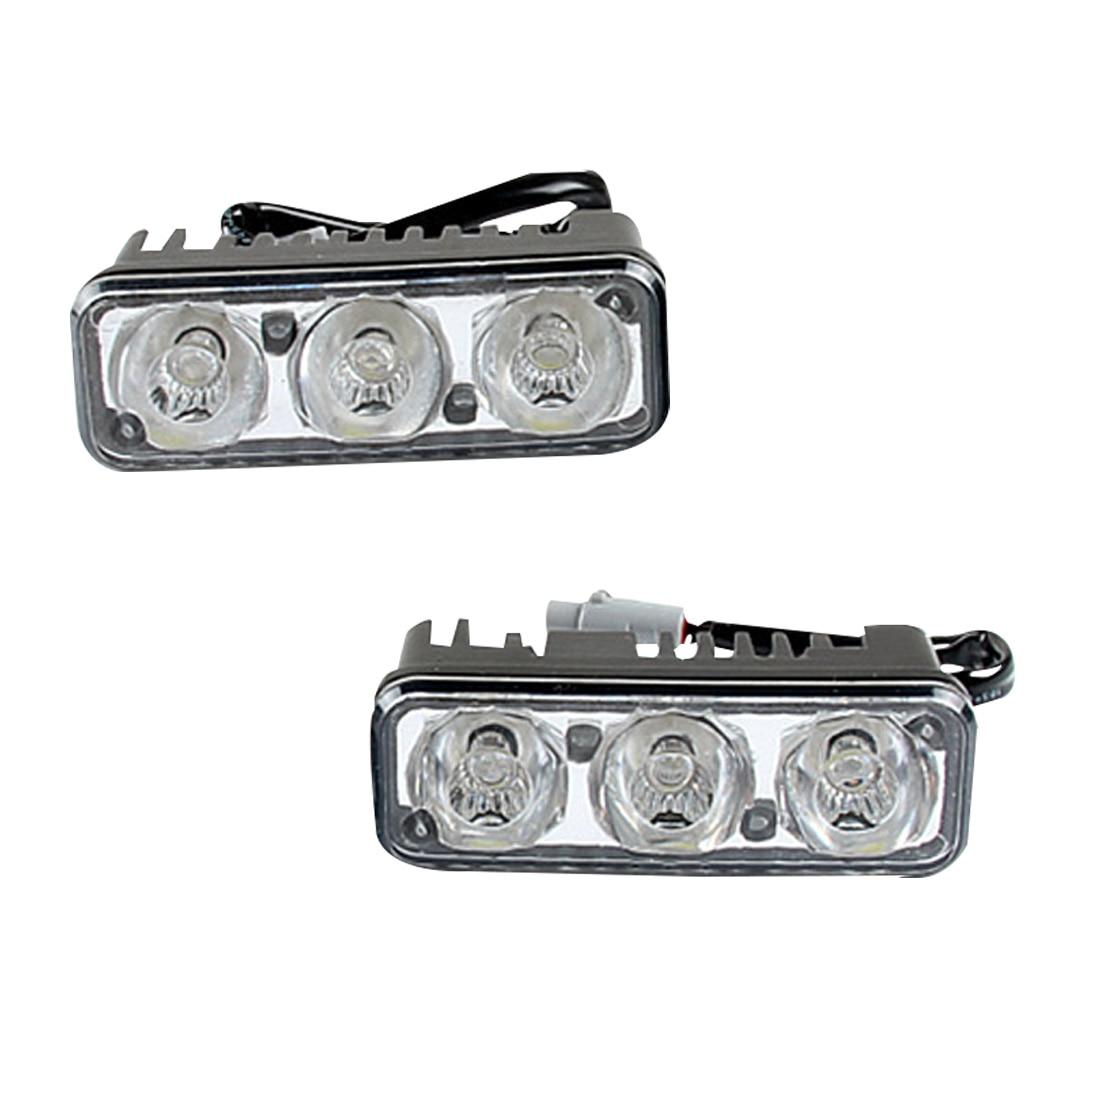 Tonewan Iyi araba stil Su Geçirmez Araba Yüksek Güç Alüminyum LED Gündüz Farları Lens DC12v Beyaz 1 takım ile DRL